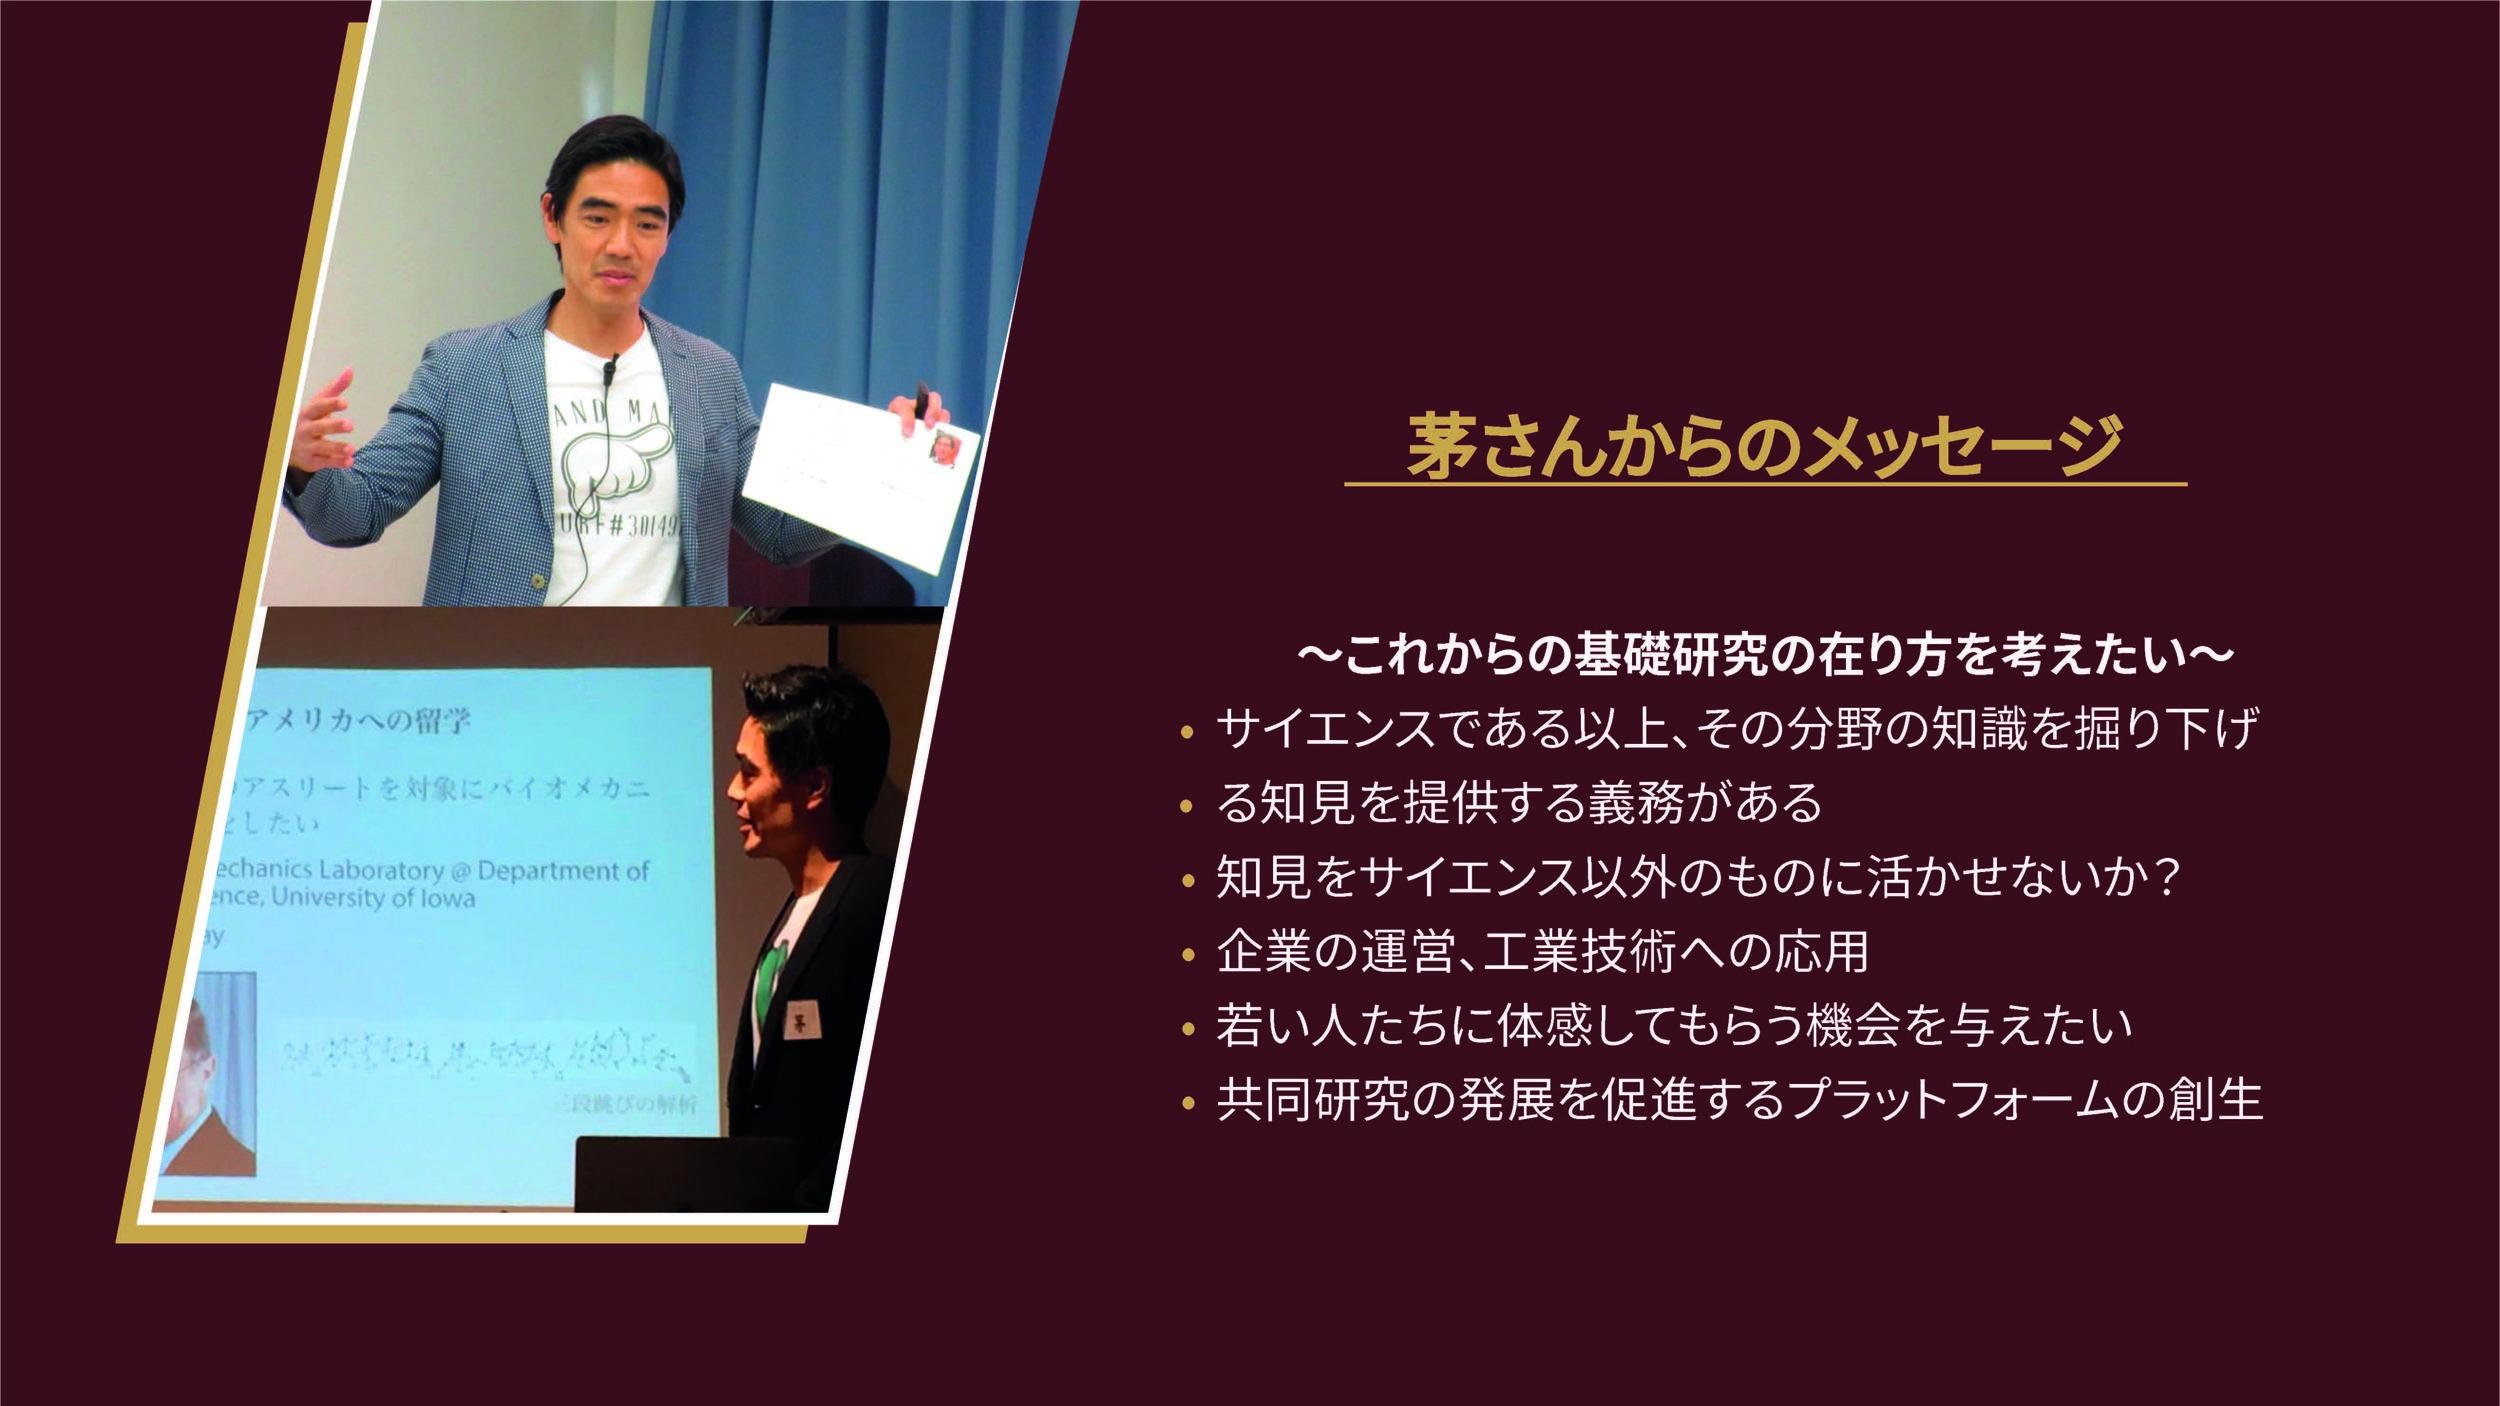 開催REPORT+_ページ_3.jpg